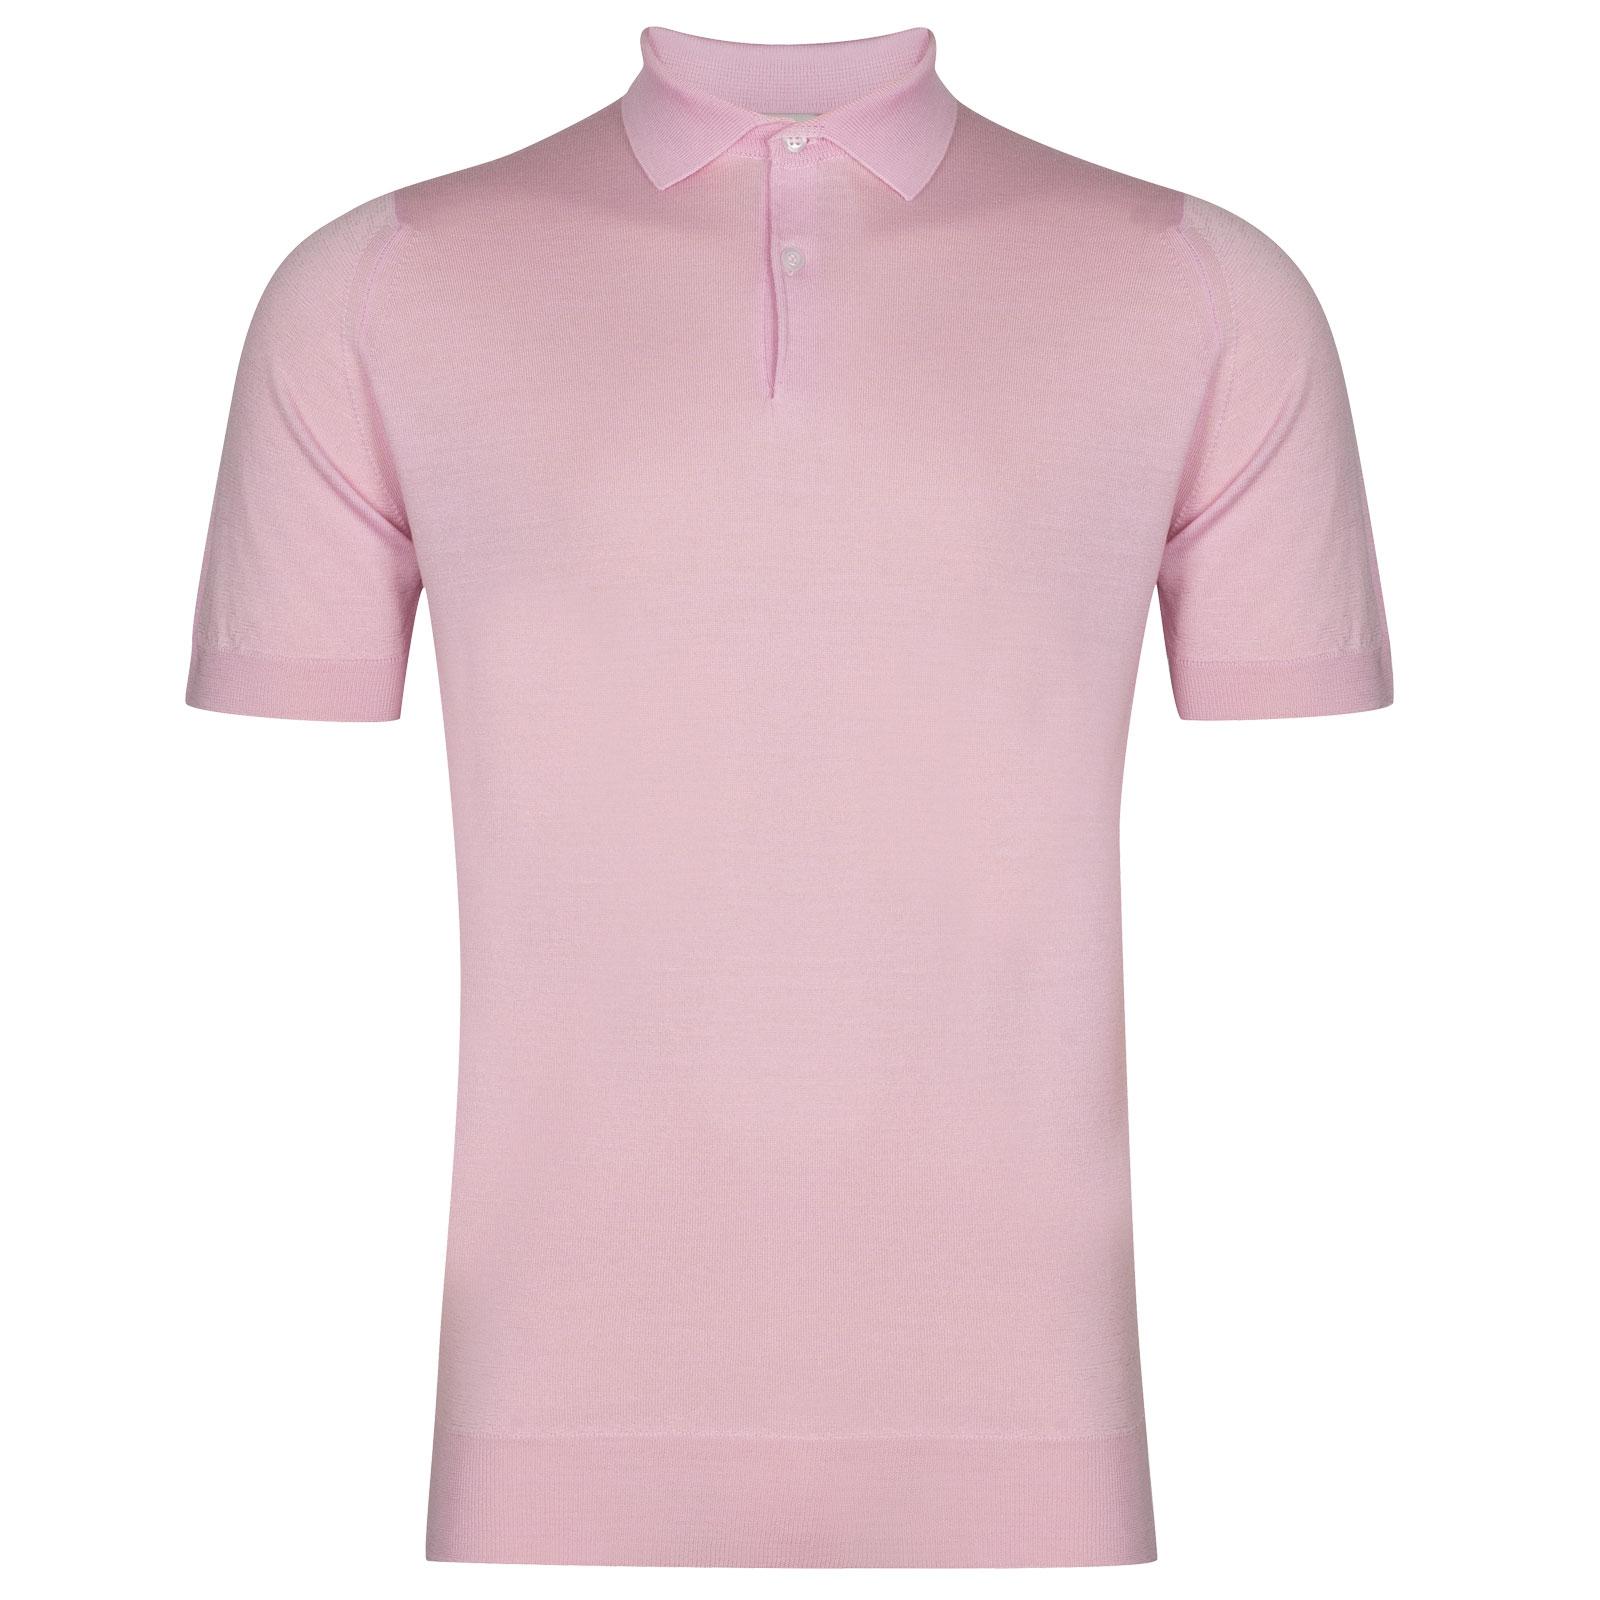 John Smedley Payton in Pink Blossom Shirt-XXL